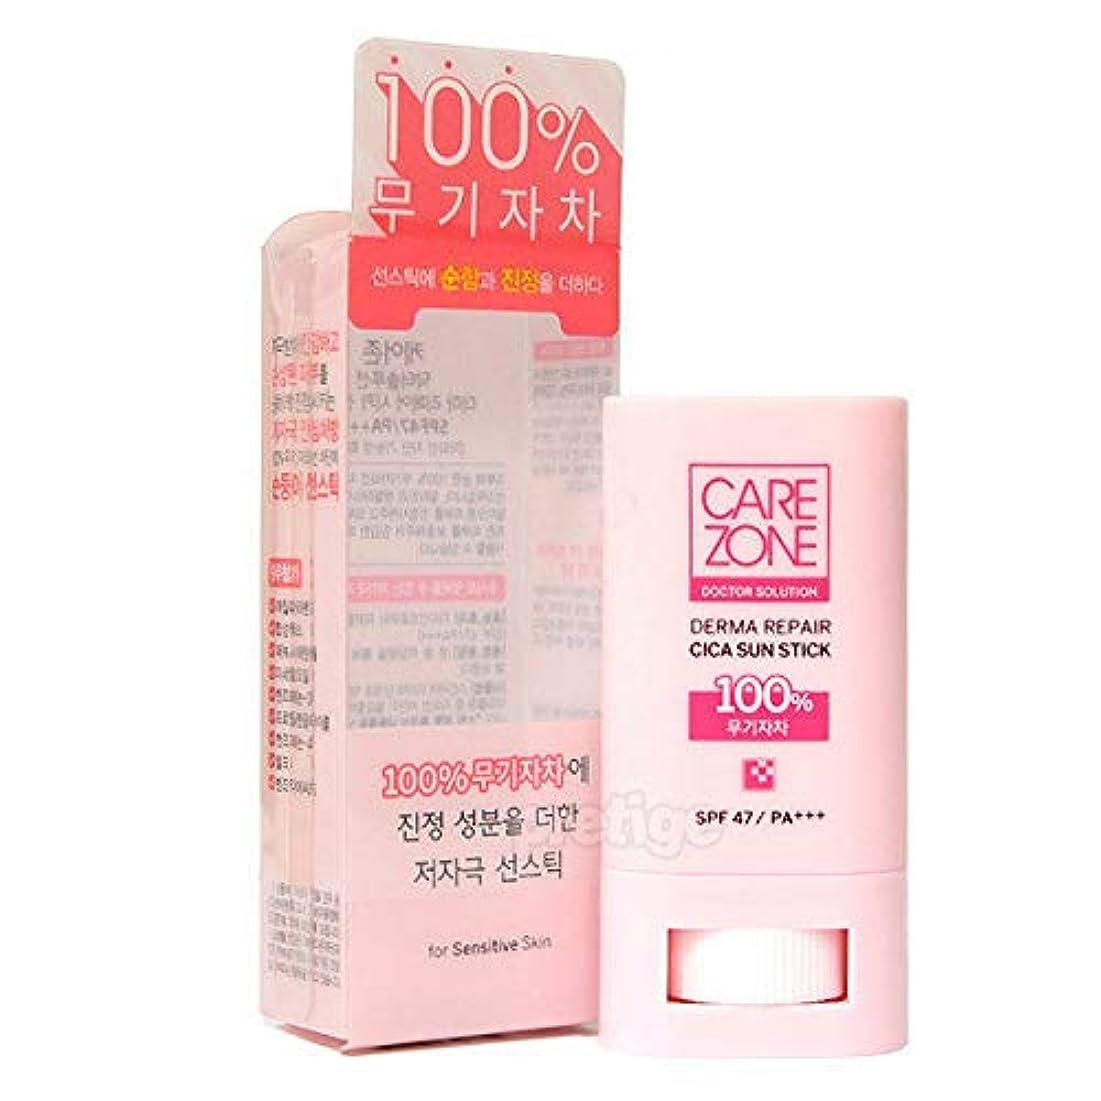 愛撫刺繍取り戻すCAREZONE ケアゾーン Doctor Solution Derma Repair Cica Sun Stick サンスティック (20g) SPF47/PA+++ CARE ZONE